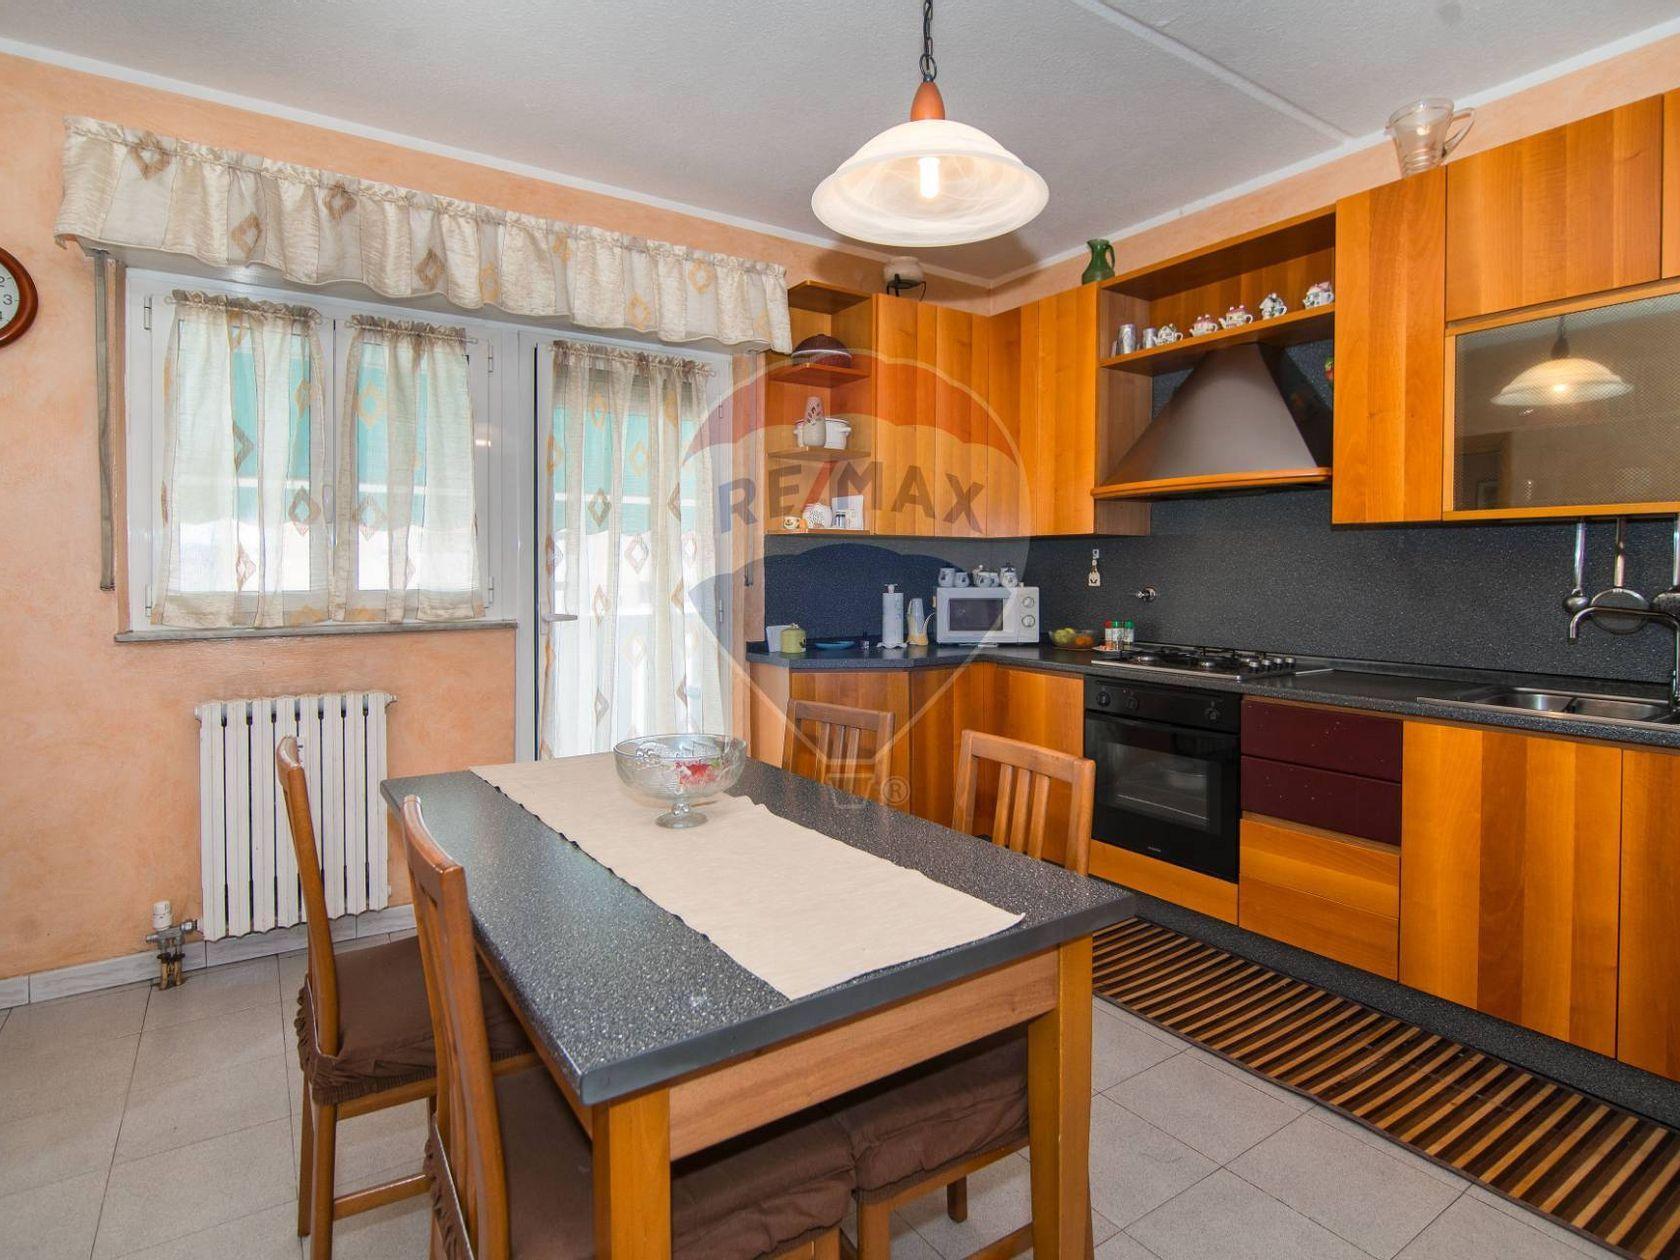 Appartamento Mirafiori nord, Torino, TO Vendita - Foto 10